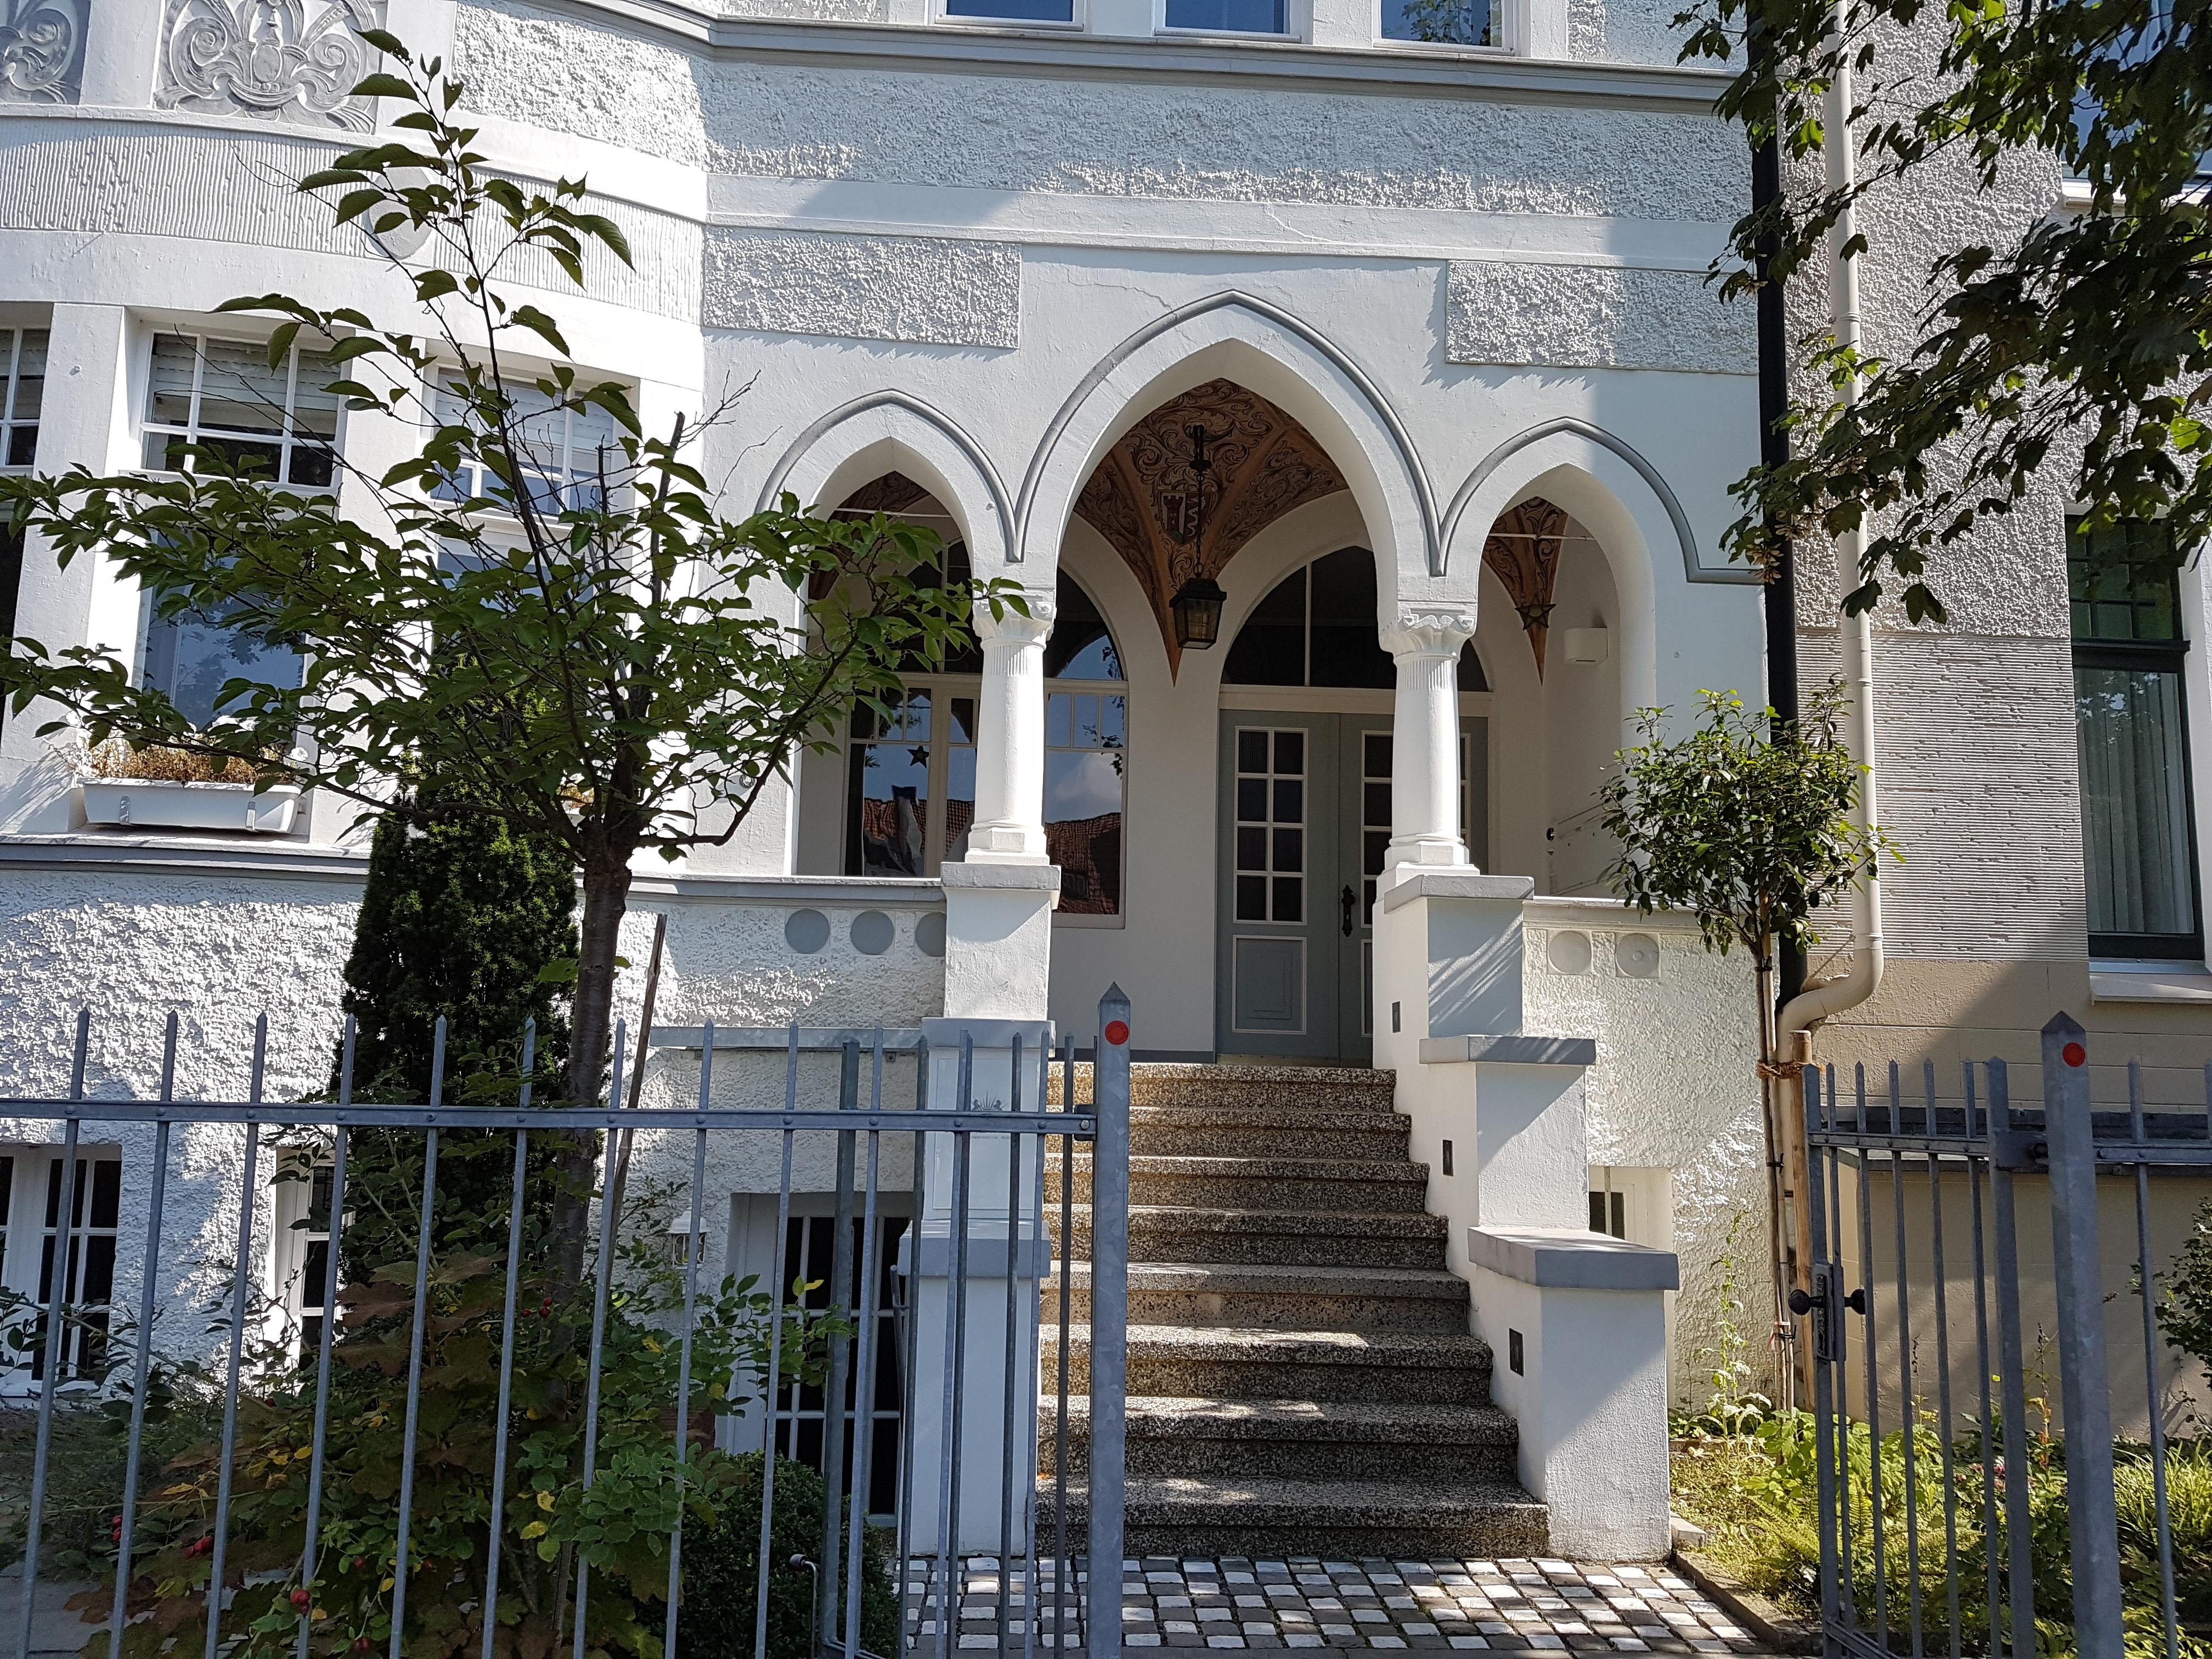 Haus Eingang file hauseingang romantik denkmal kleefeld jpg wikimedia commons